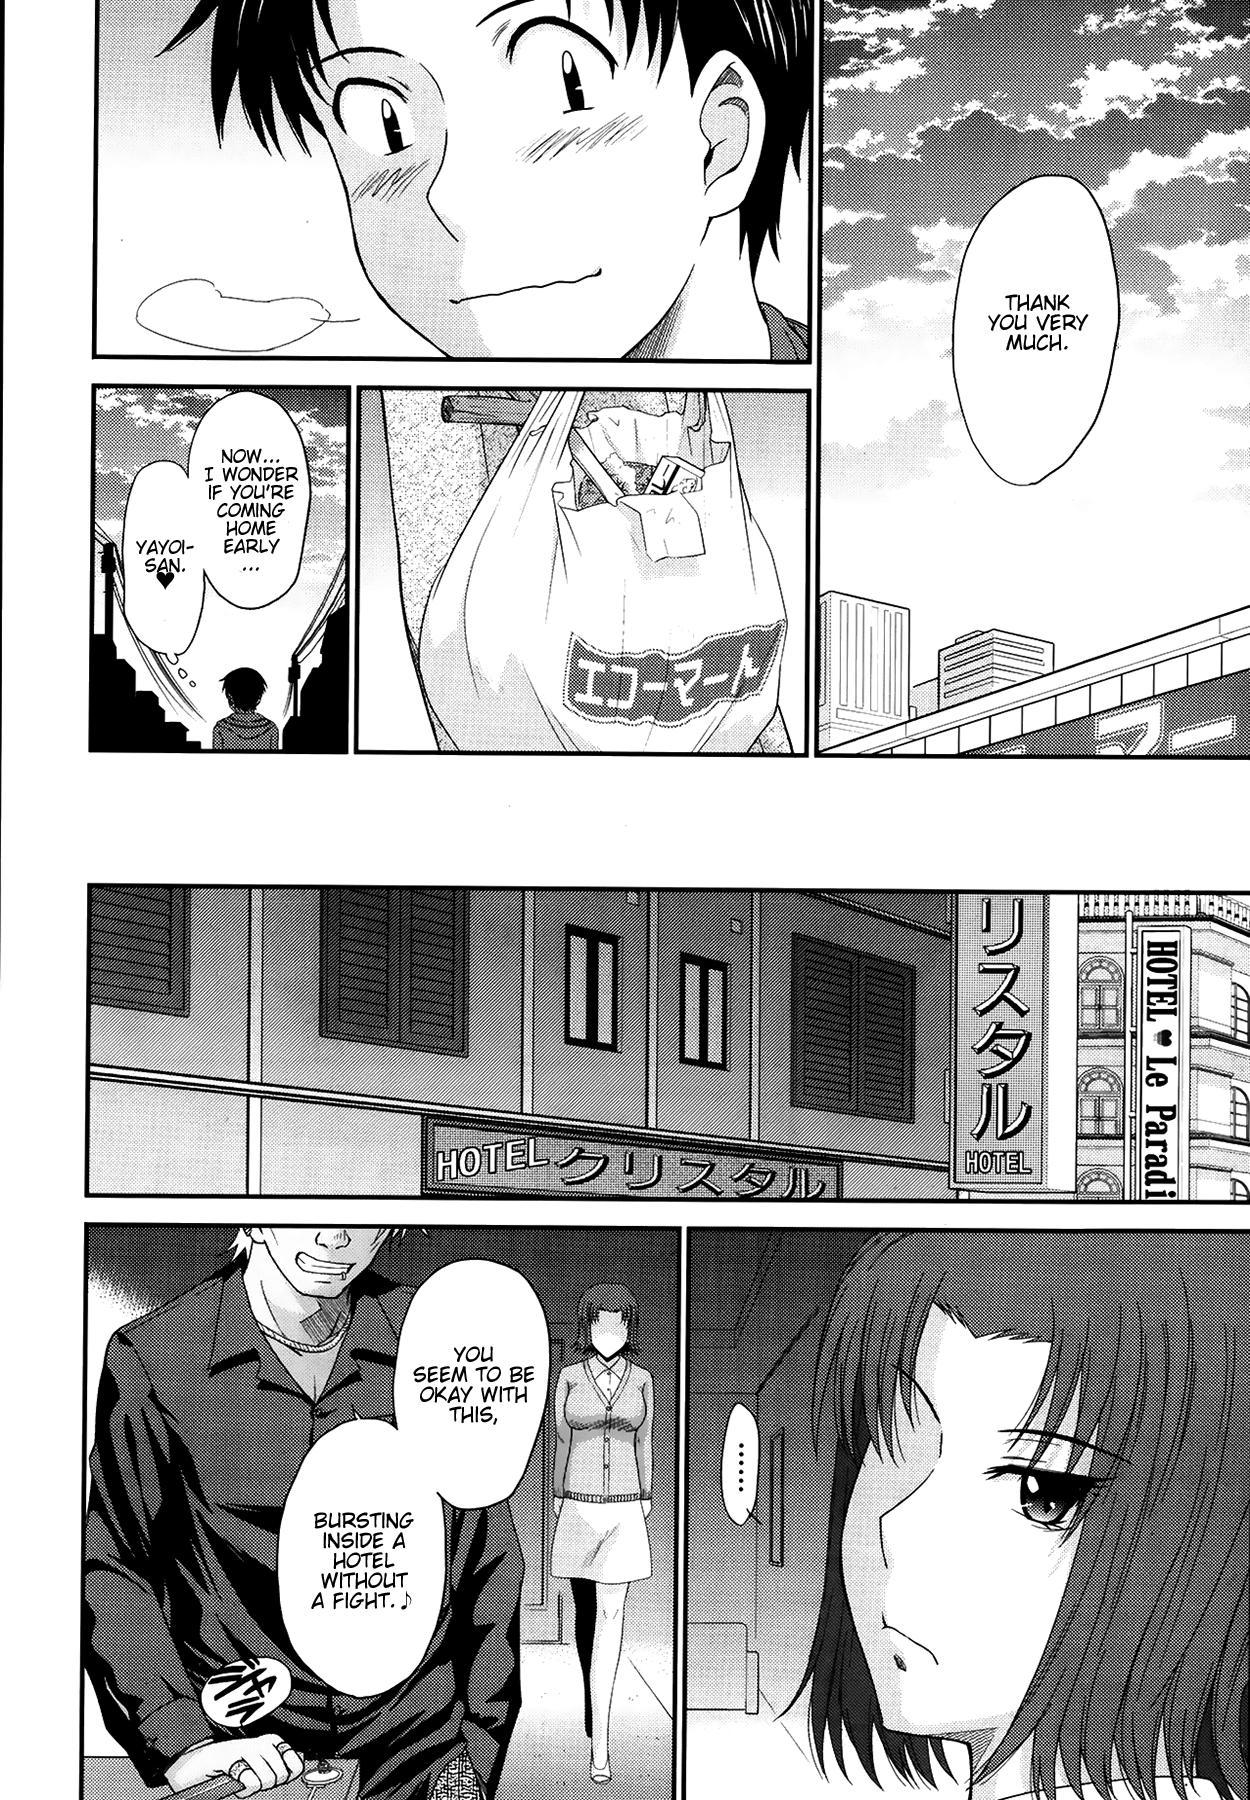 [Tsukino Jyogi] Boku no Yayoi-san ch.1-4 [English] =Krizalid= 57